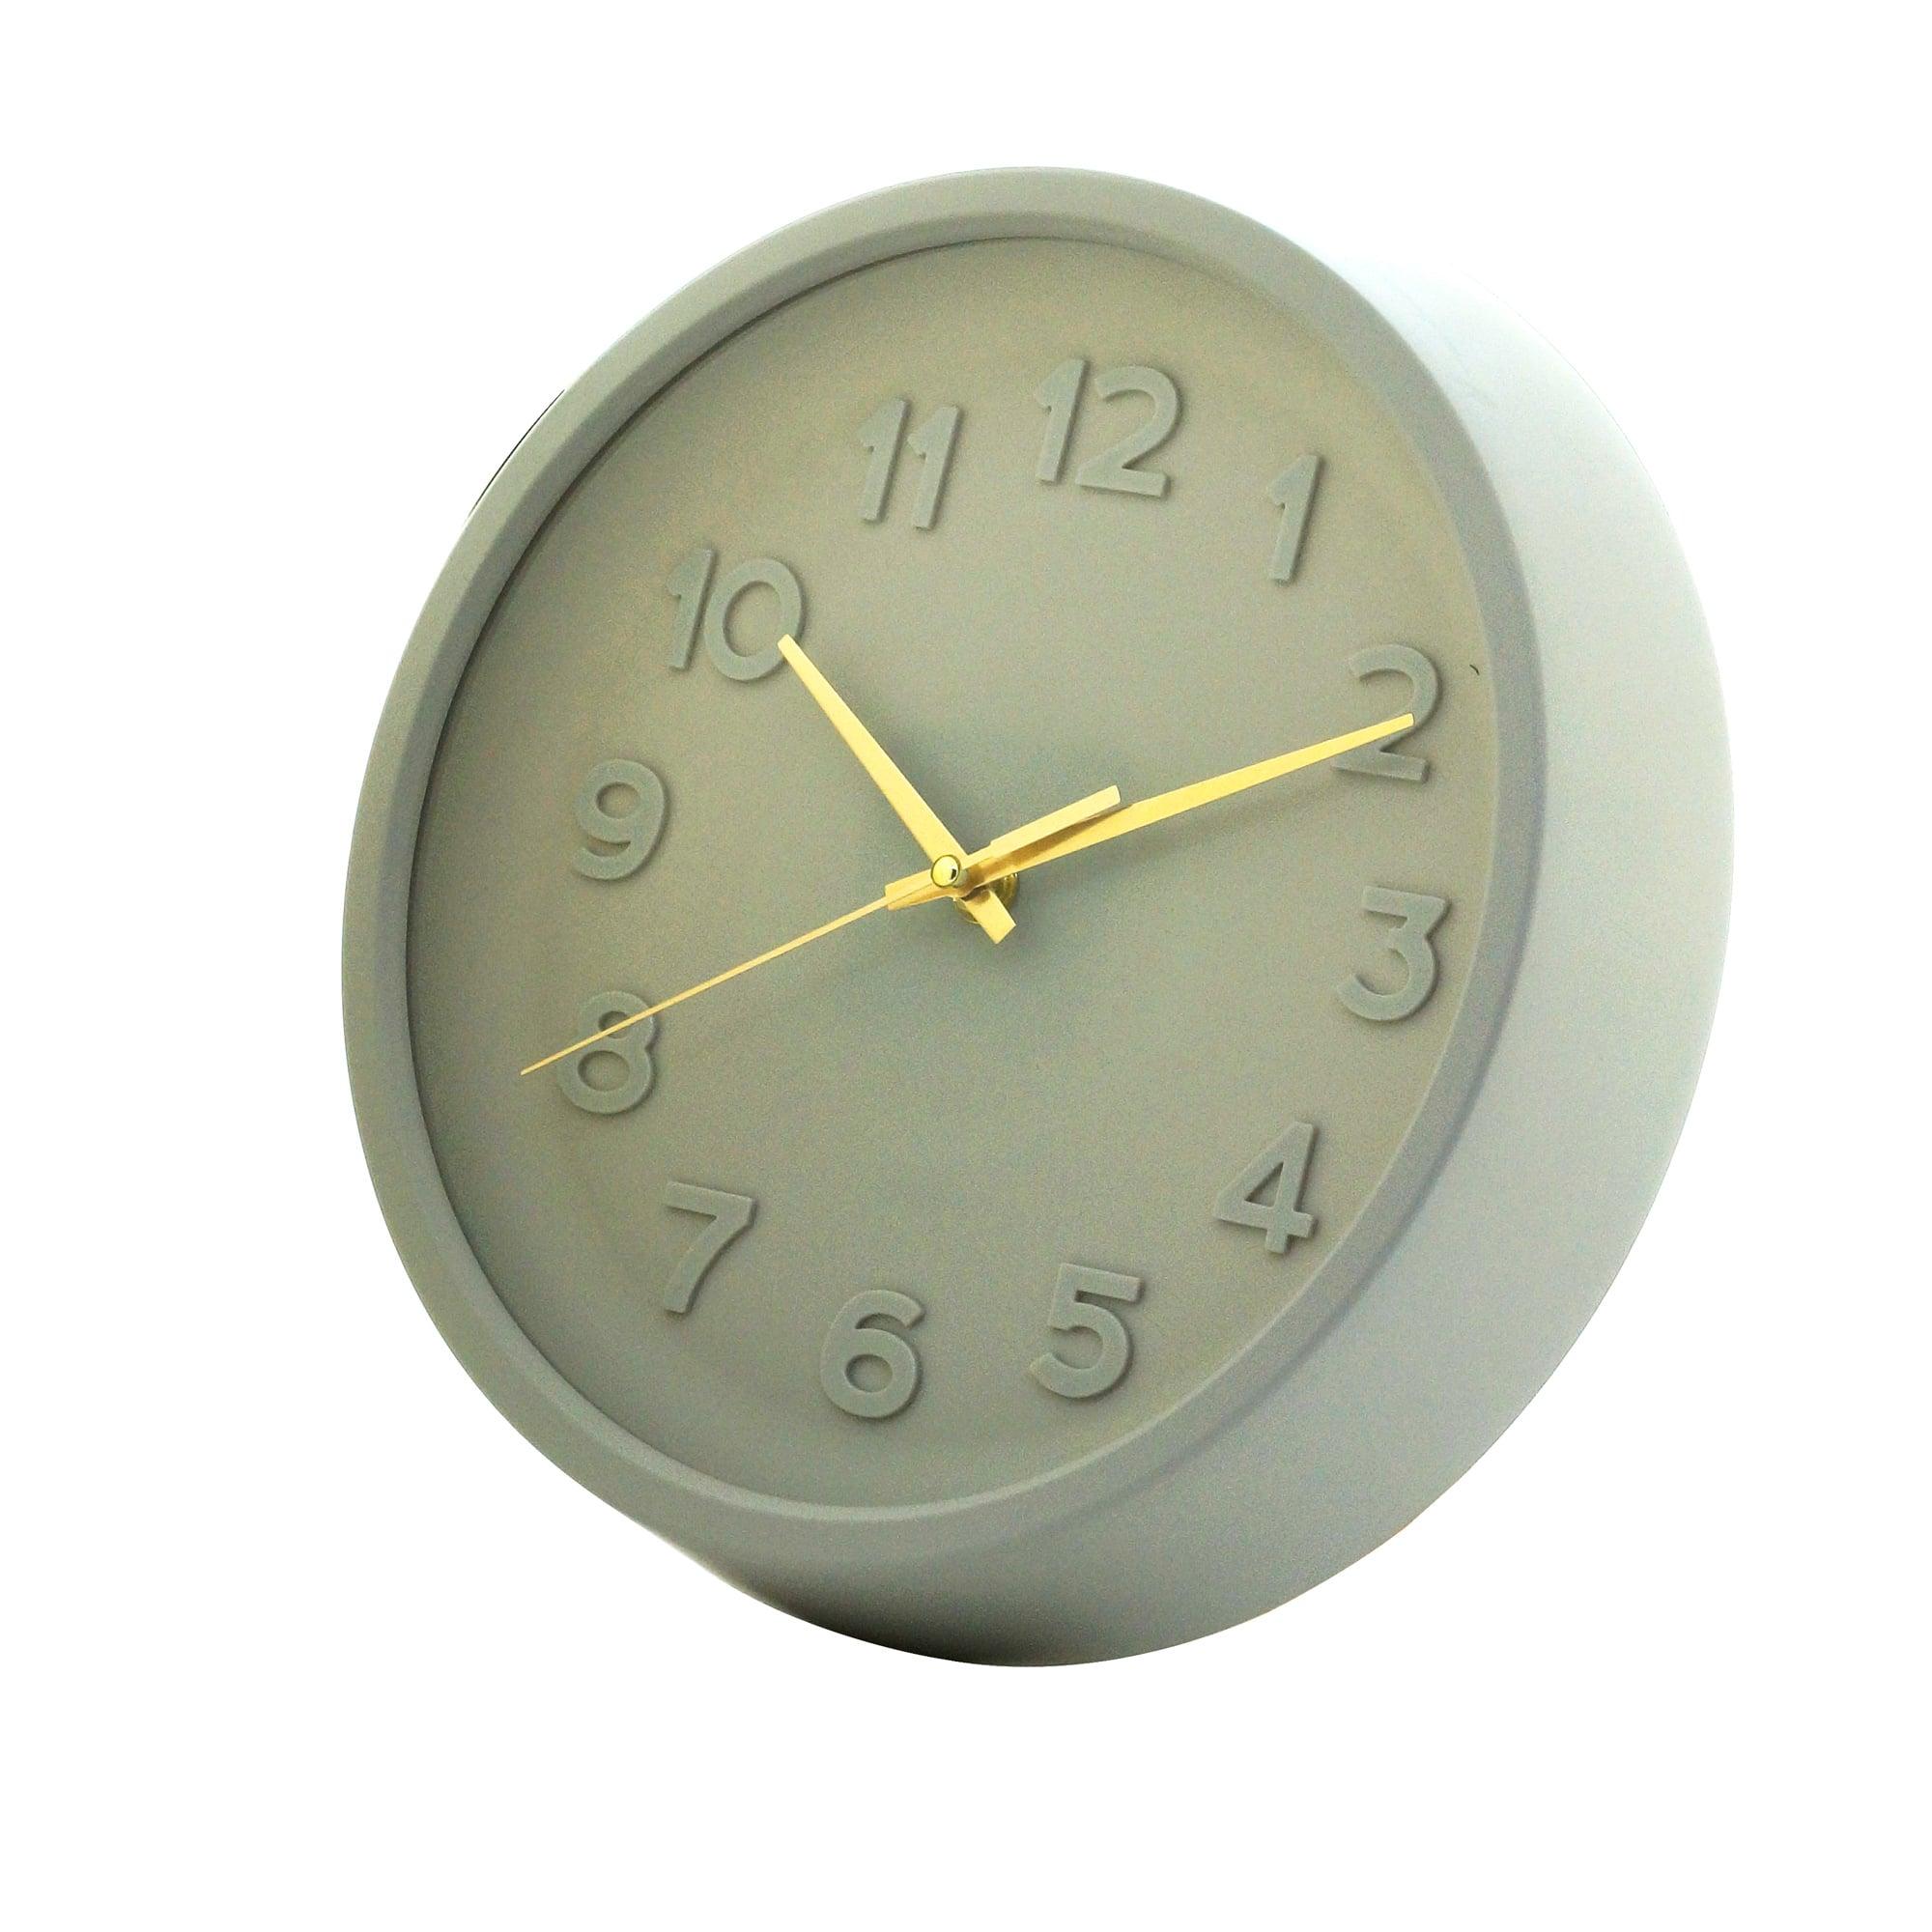 Relógio de Parede Bold Numbers CInza Moderno 27 x 27 x 5 cm